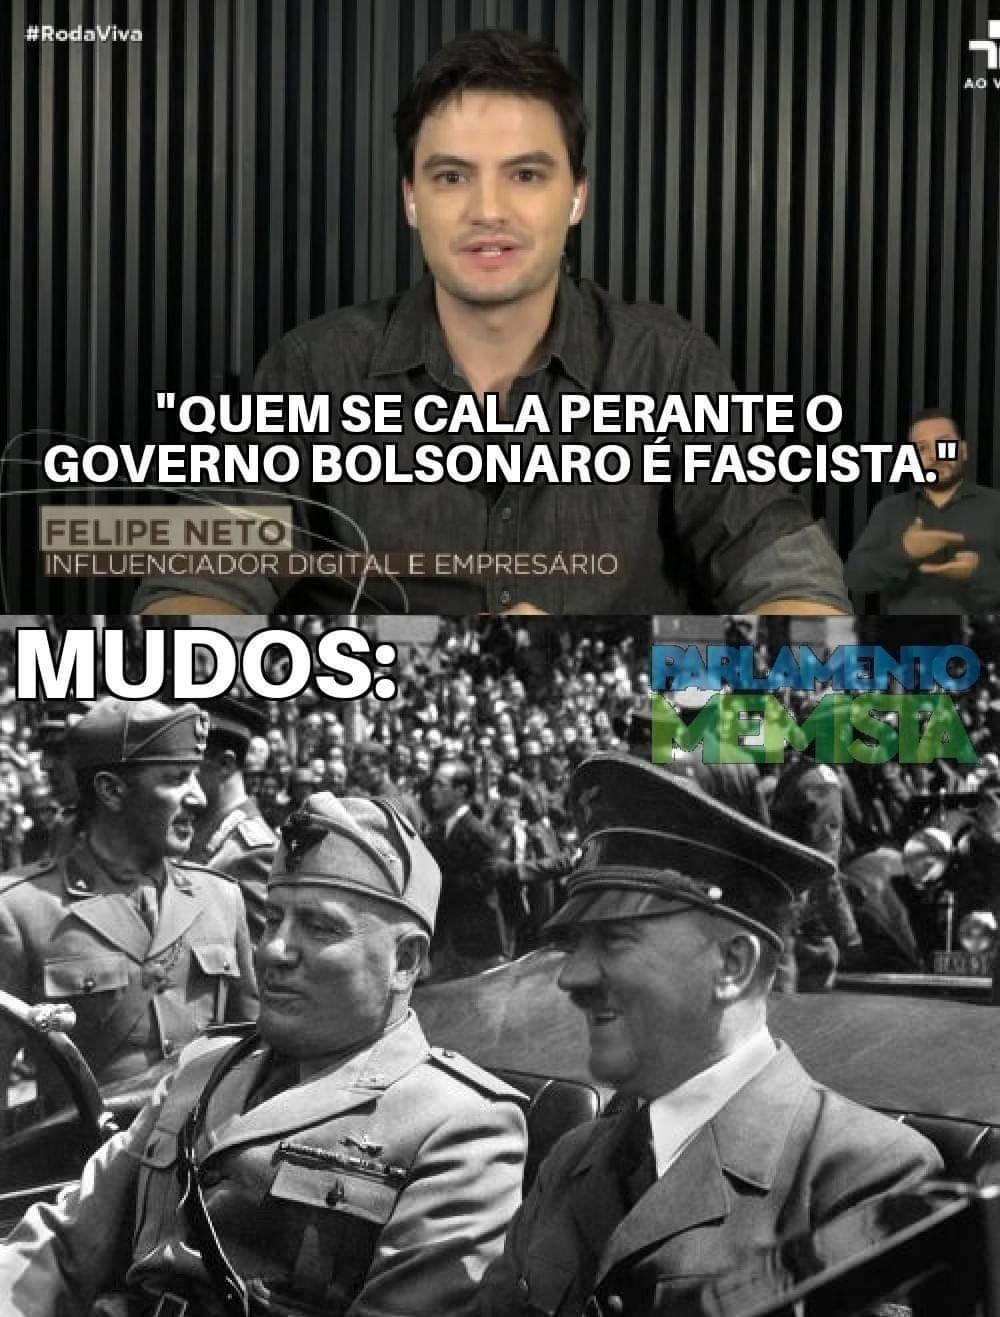 Se for repost não passa moderação filha da puta parece a Rede Globo - meme